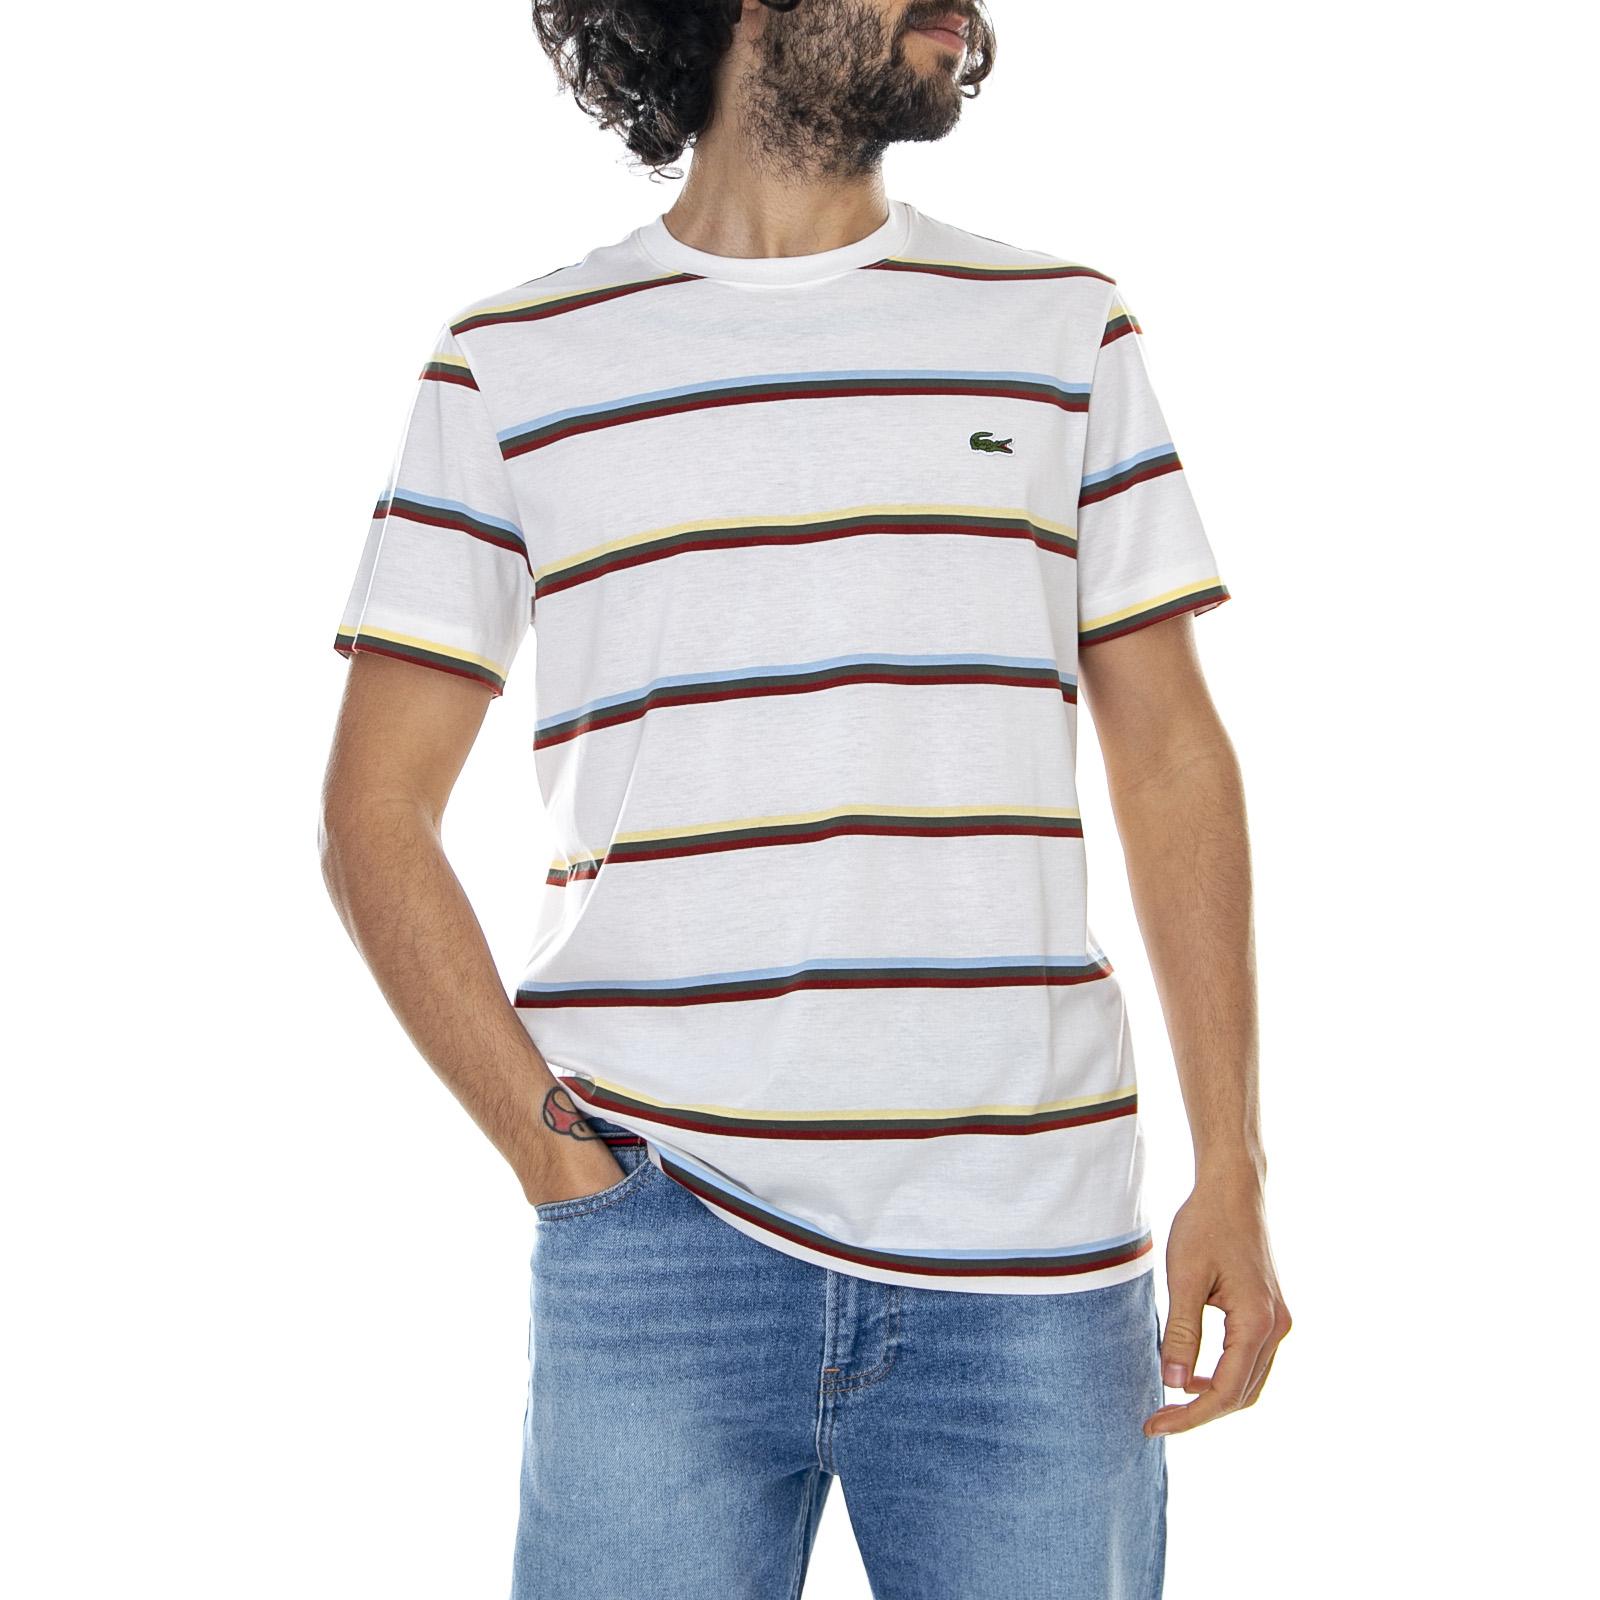 1c79faf700 Details about Lacoste Logo Stripe Tee - Flours White/Multicolour - T-Shirt  Crew-Neck Man